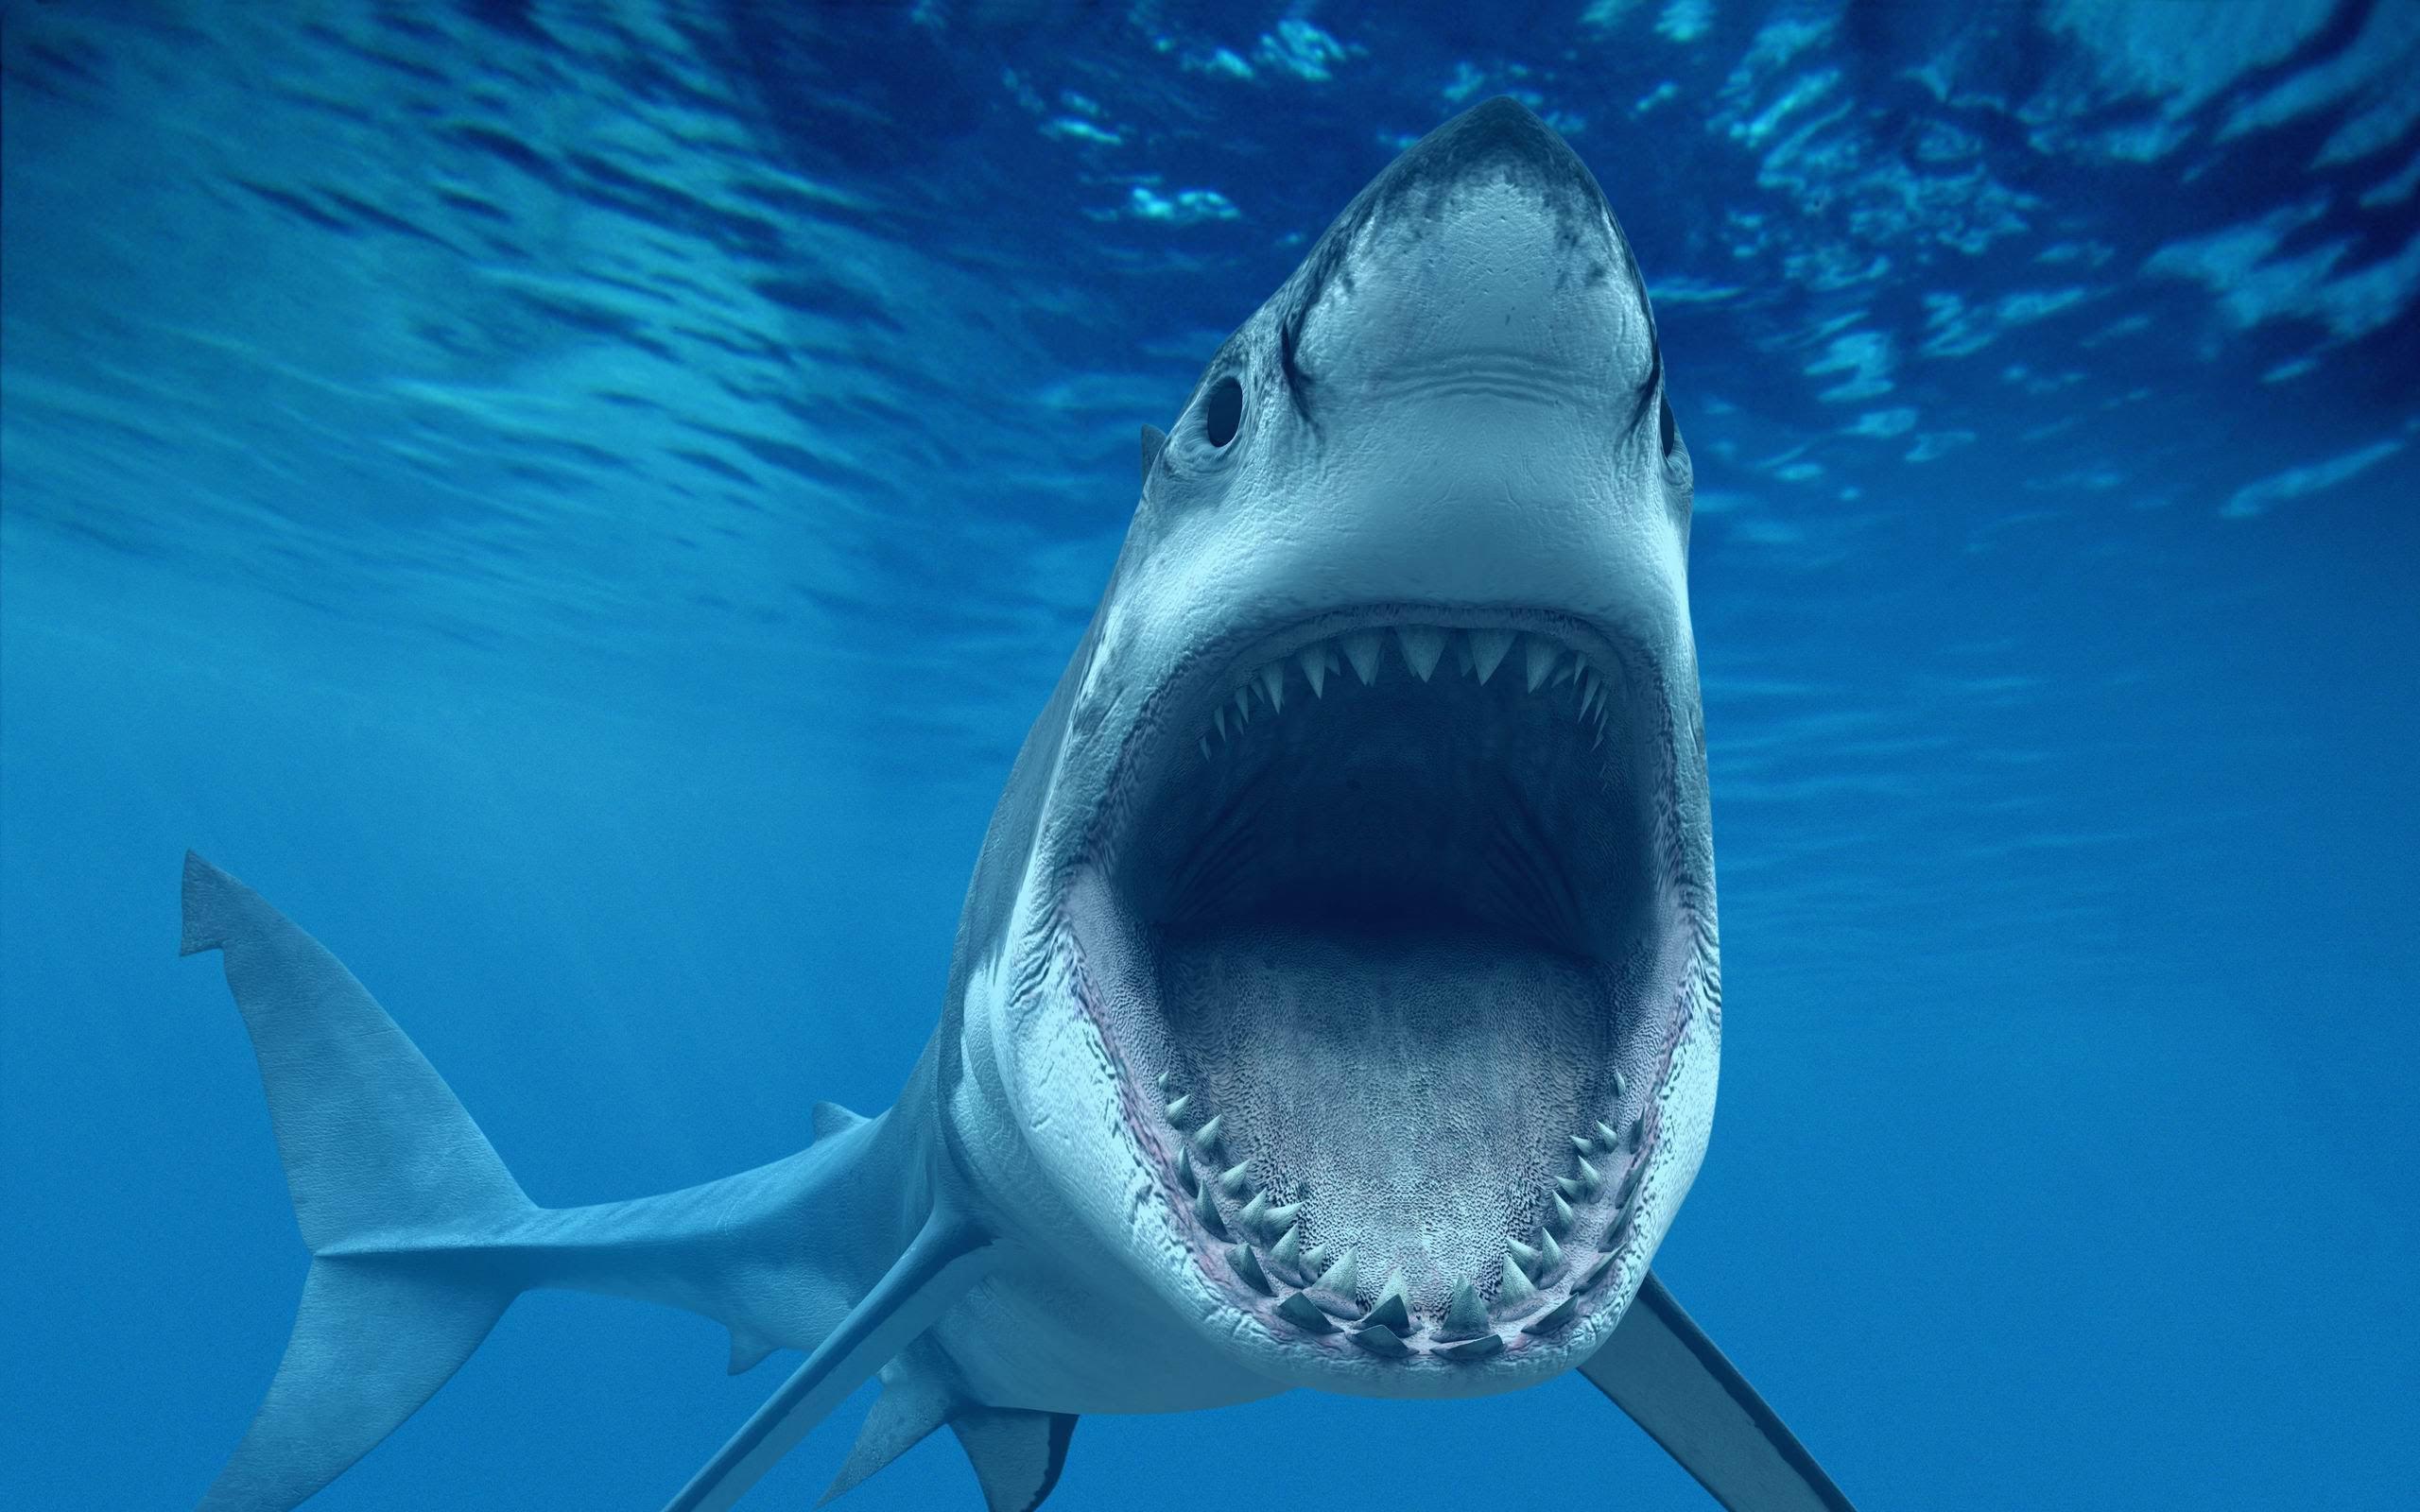 بالصور اكبر حيوان في العالم , تعرف على اكبر حيوان بالعالم 3829 2